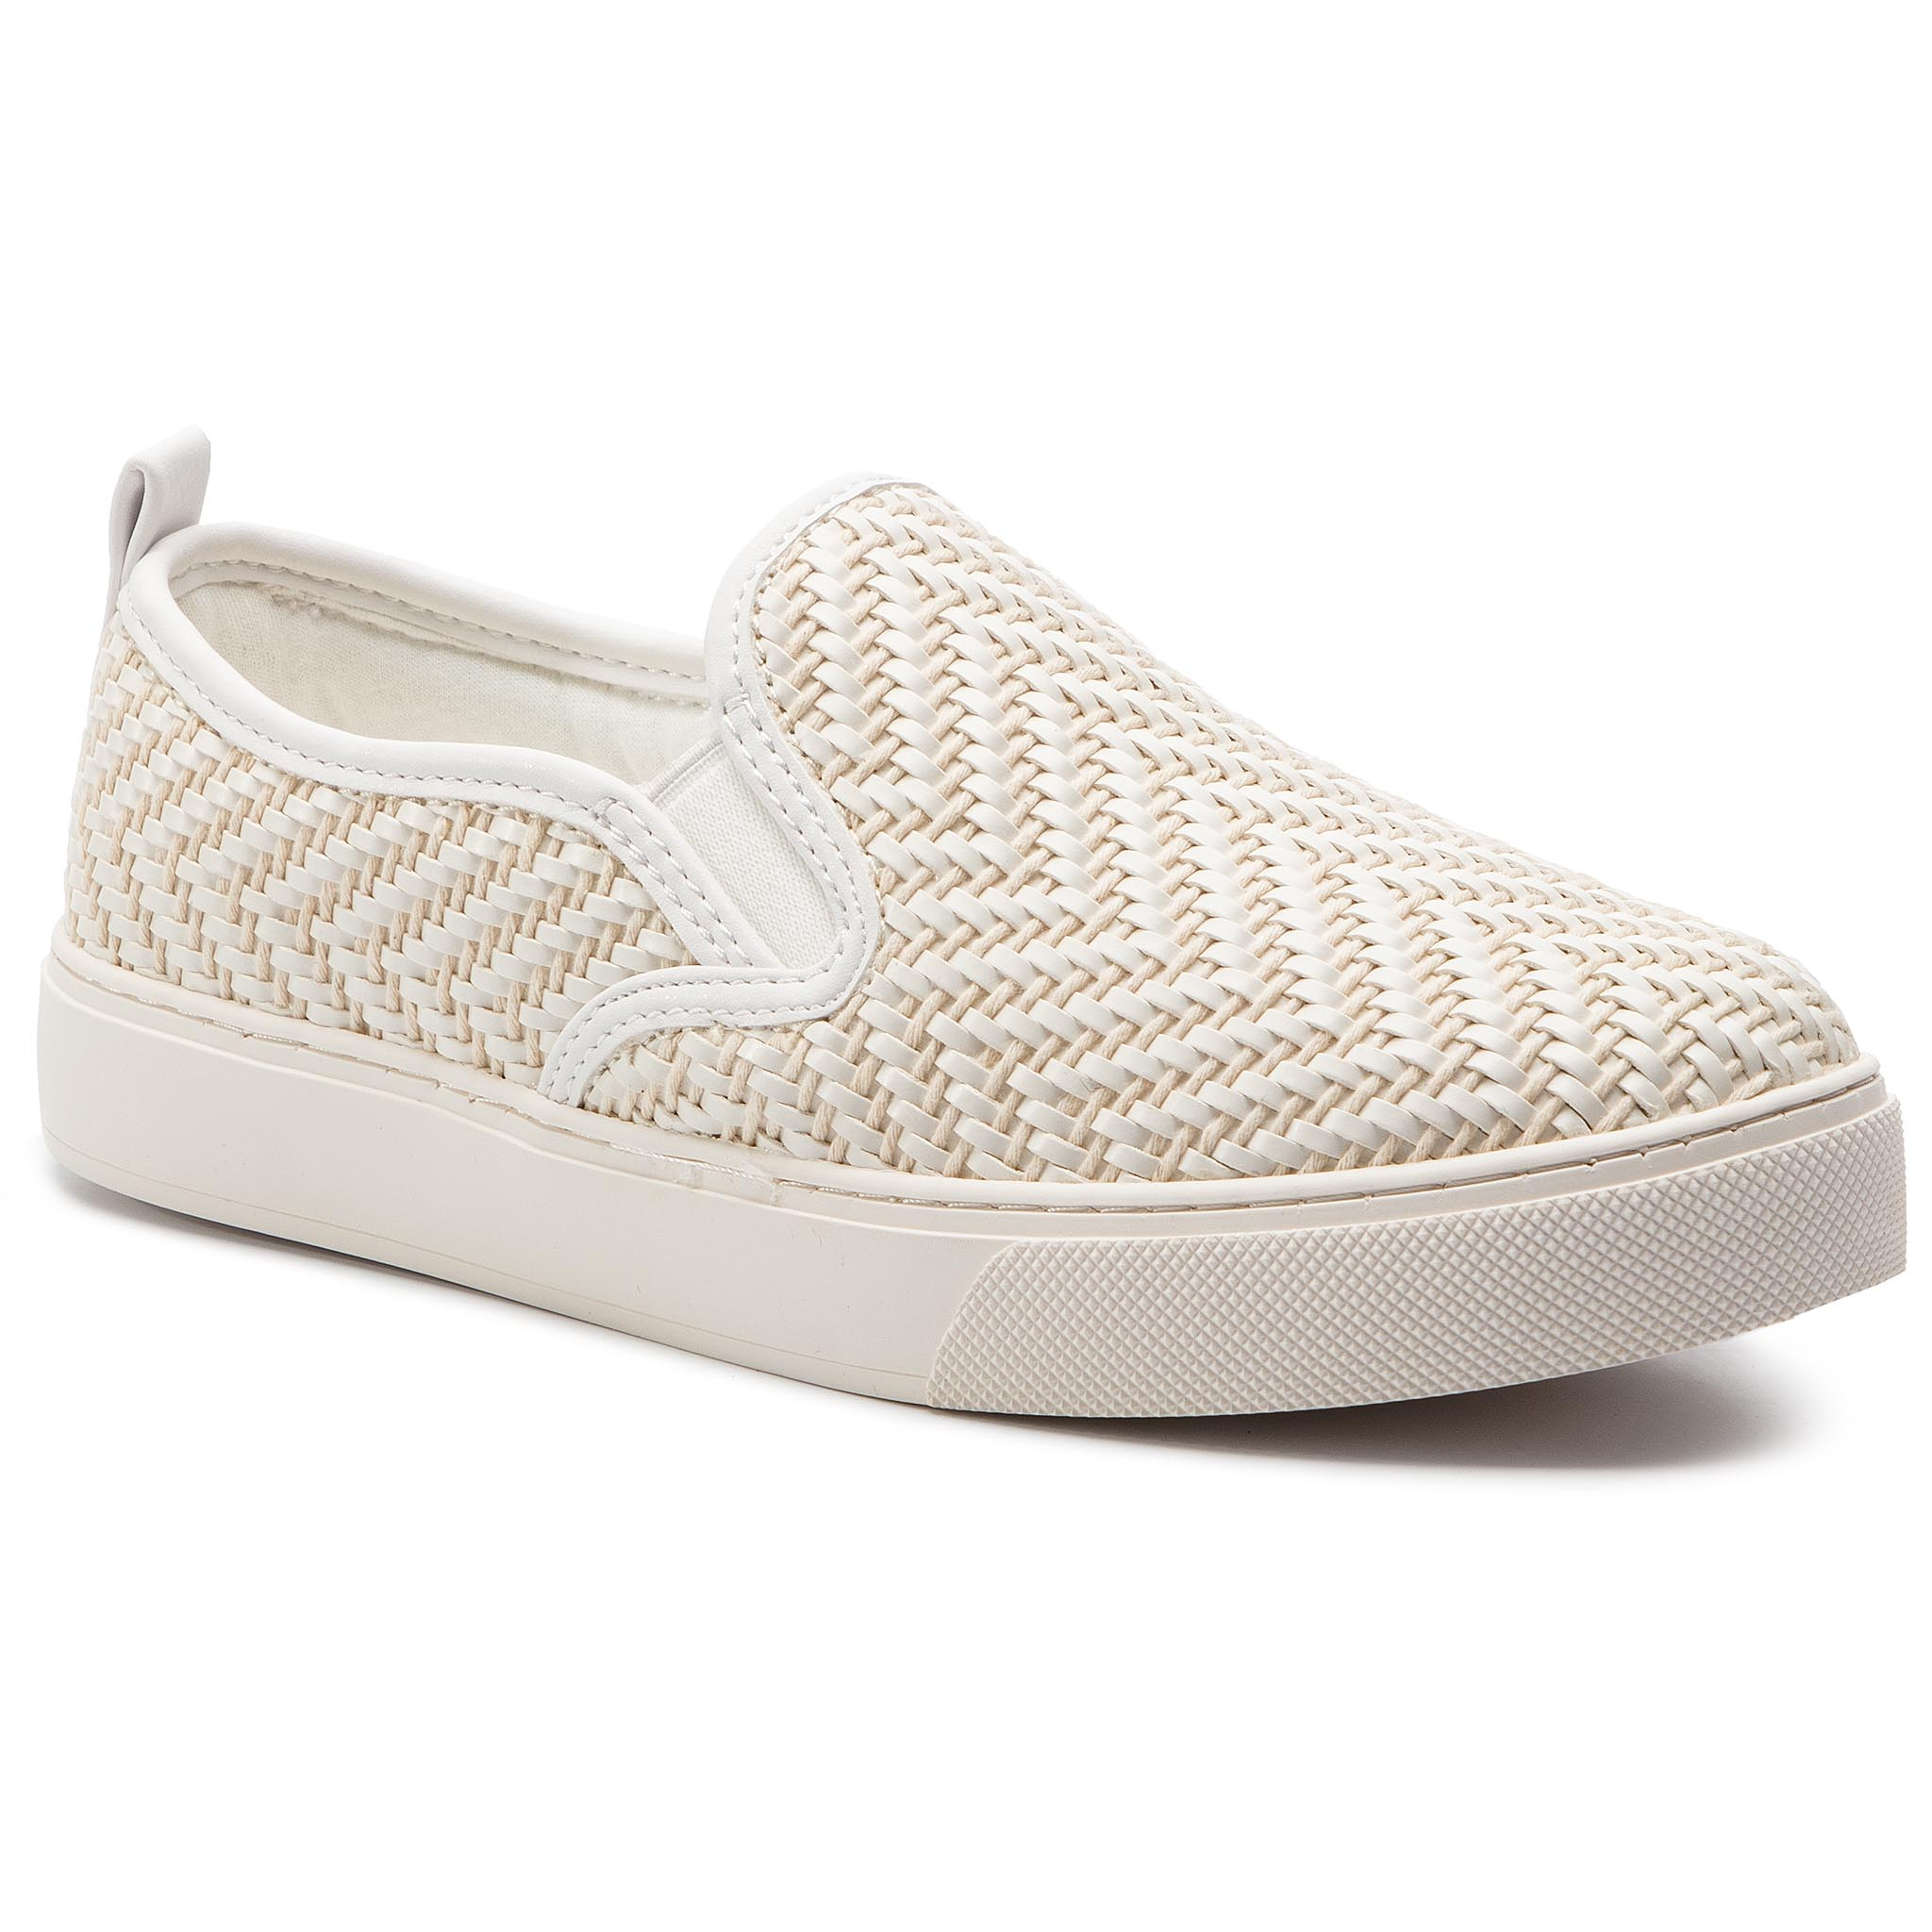 c8b43aa2799 Plimsolls ALDO - Jille 54246452 32 - Sneakers - Low shoes - Women s ...